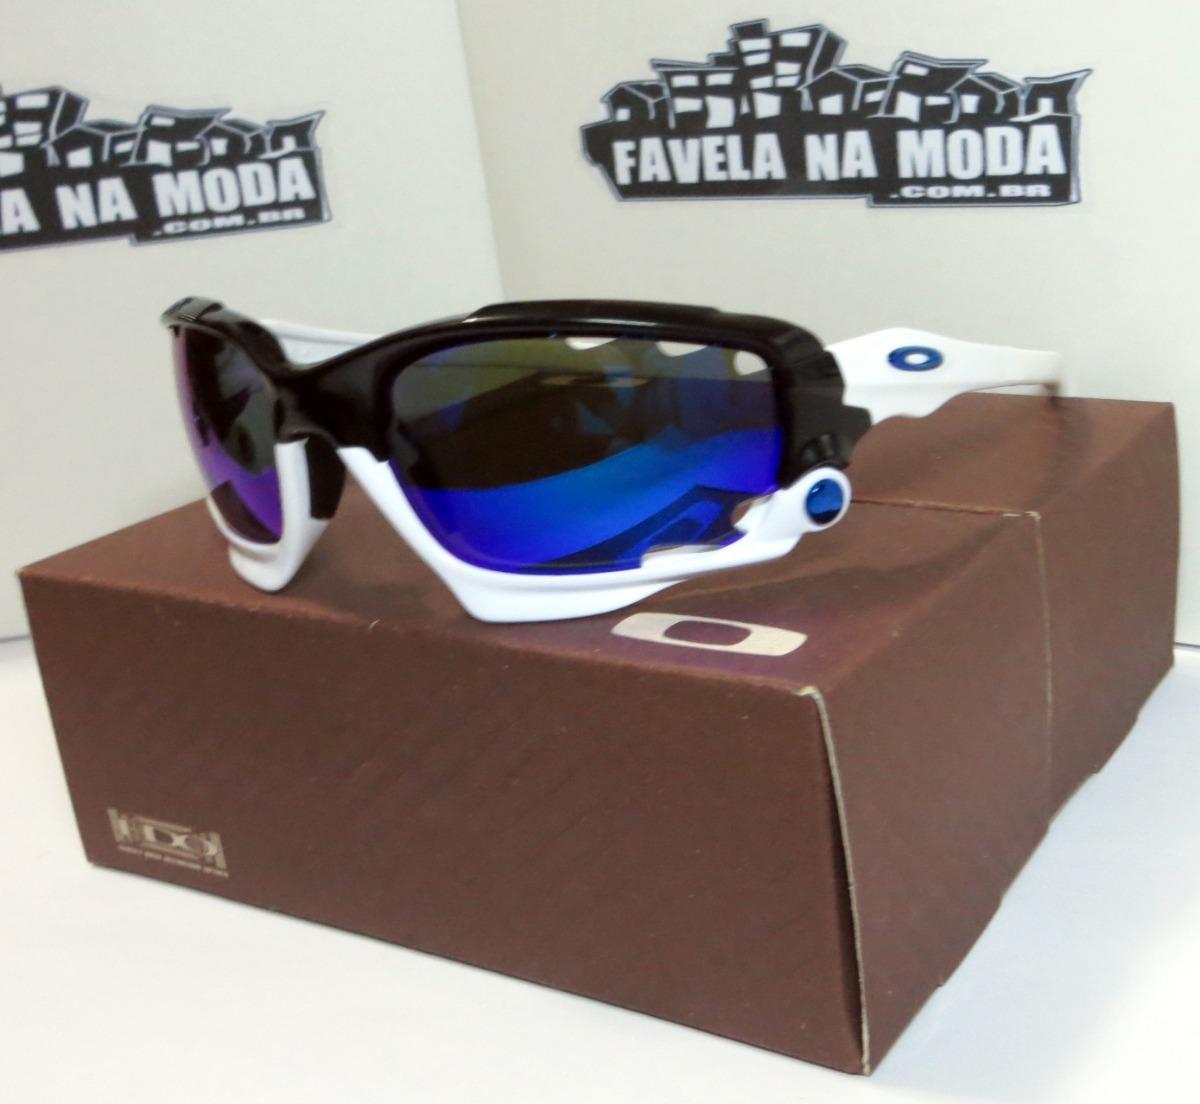 5e84ab96950ba óculos oakley jawbone (preto branco) + 2 pares de lentes +. Carregando zoom.